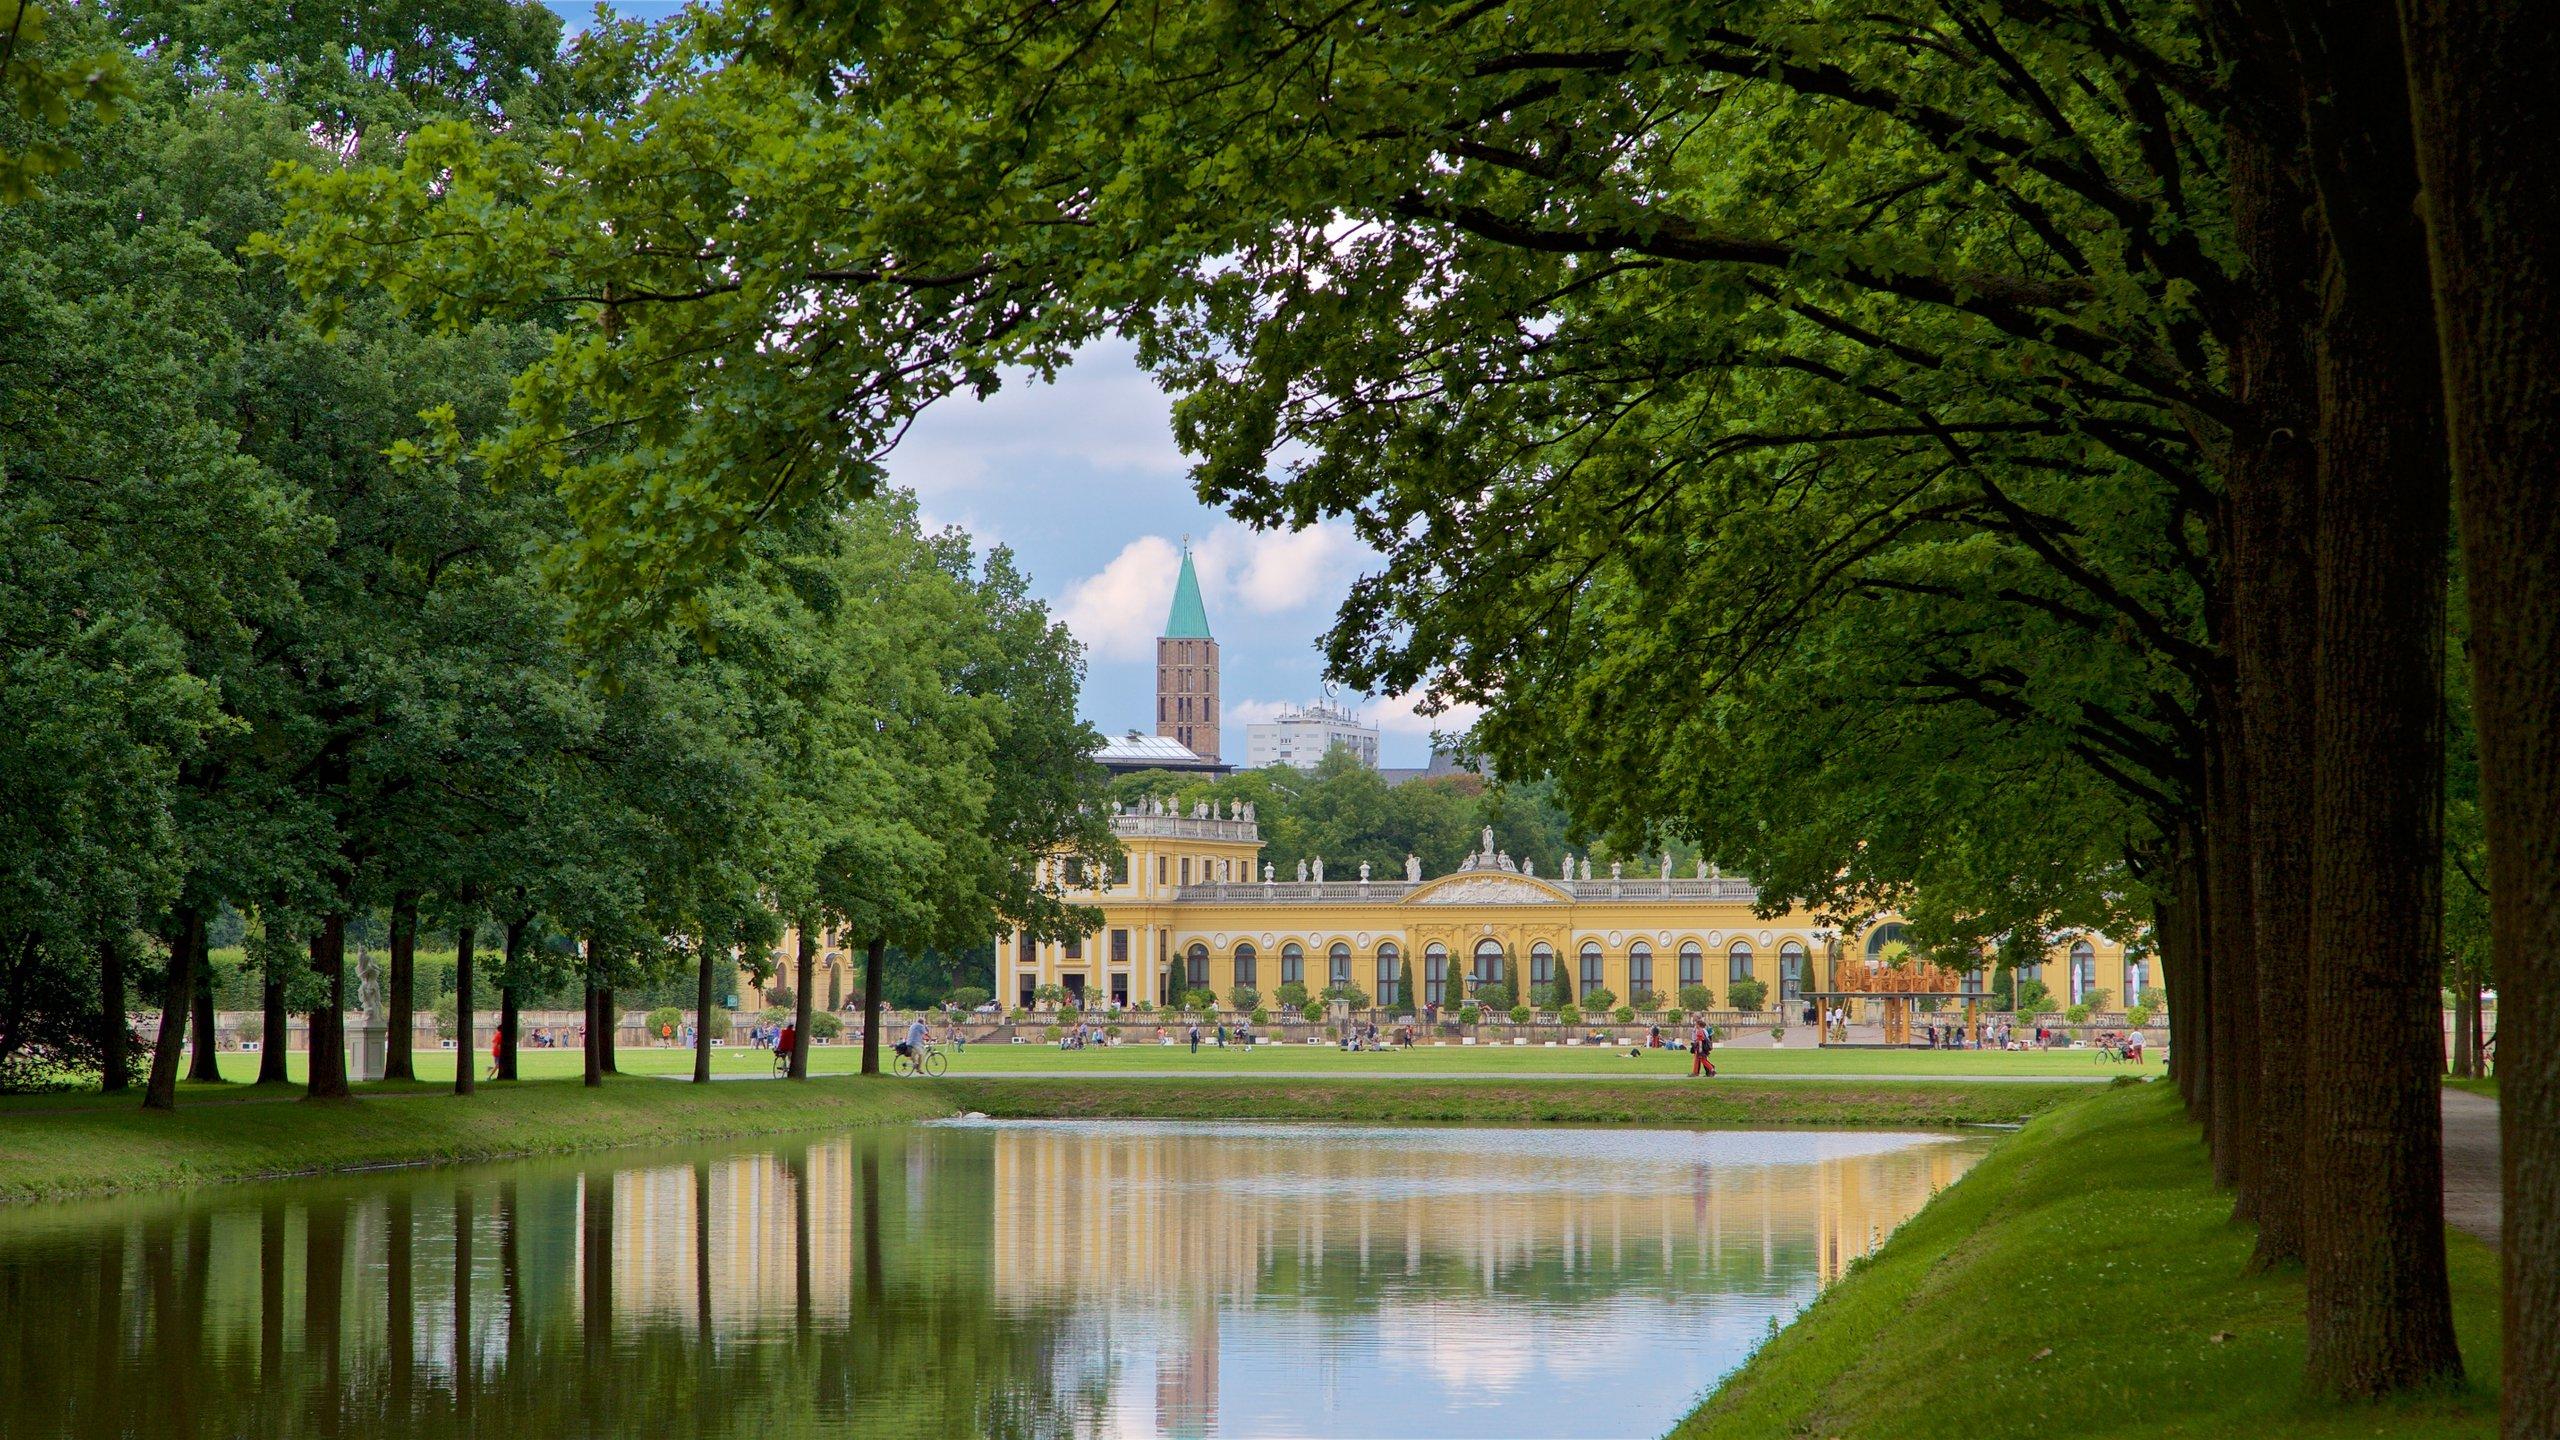 Karlsaue Park, Kassel, Hessen, Germany